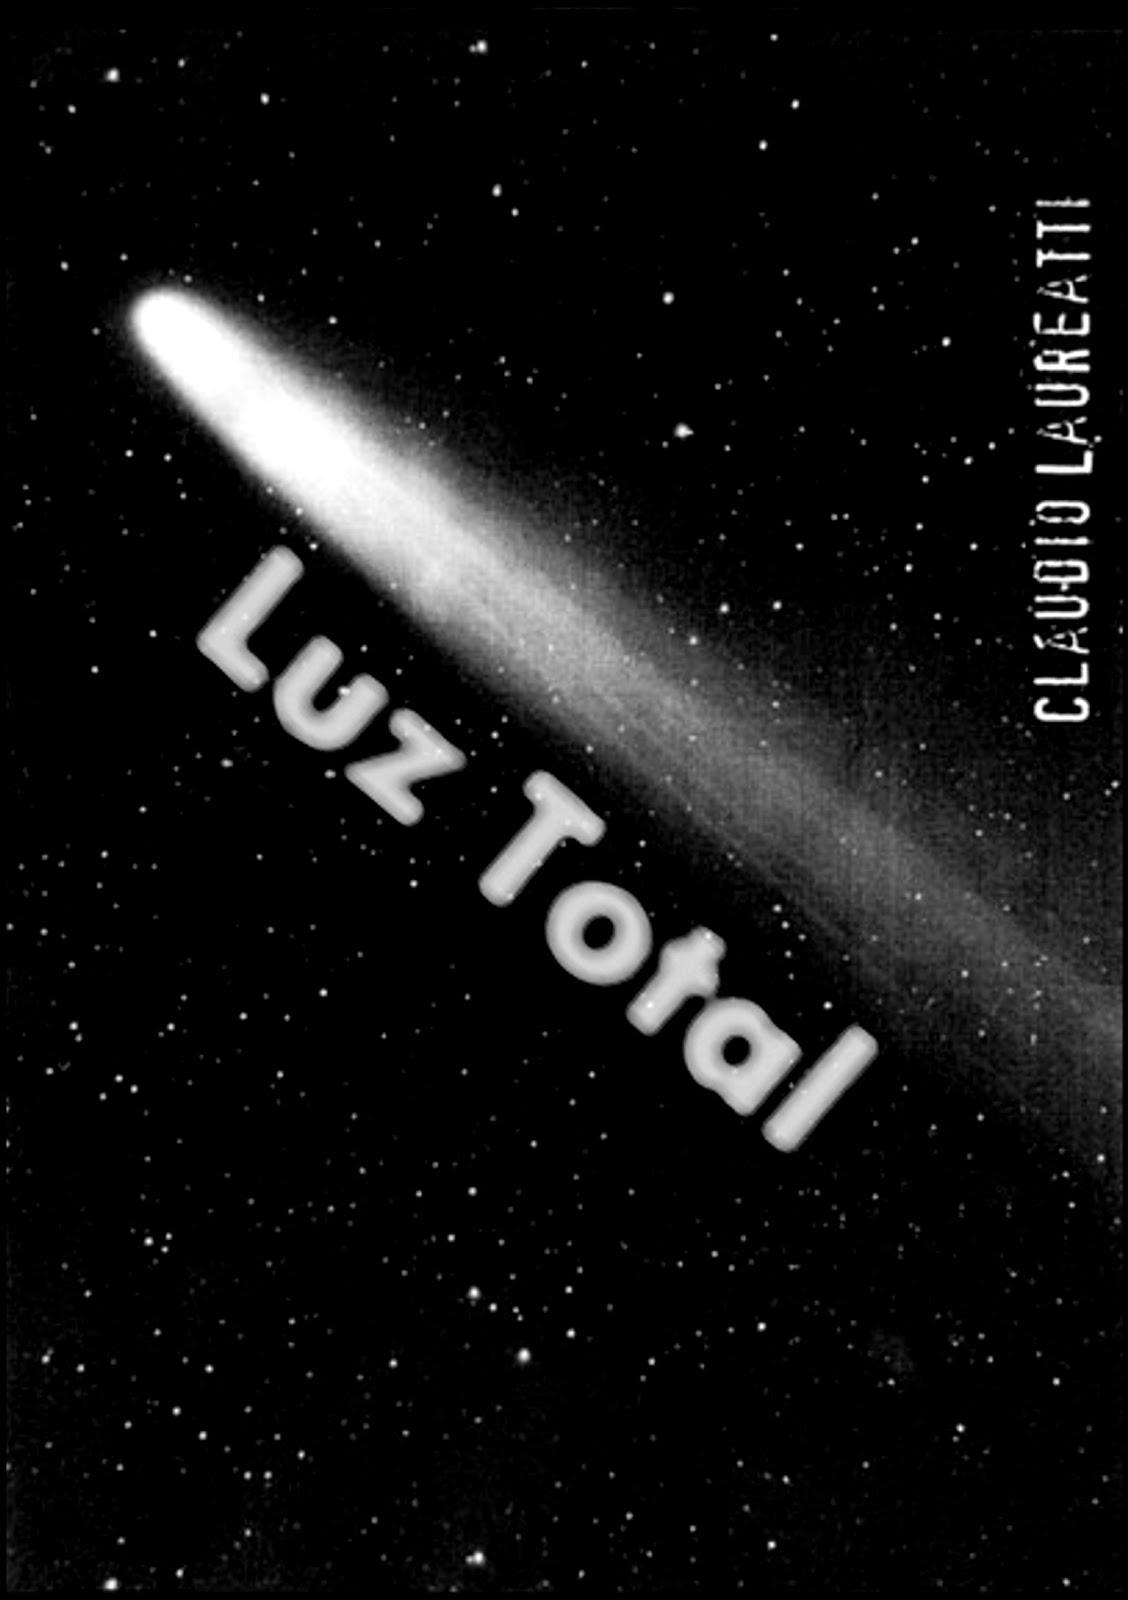 Sarau Perifatividade e Livraria AGbook  convidam Laureatti pra lançamento do livro  Luz Total